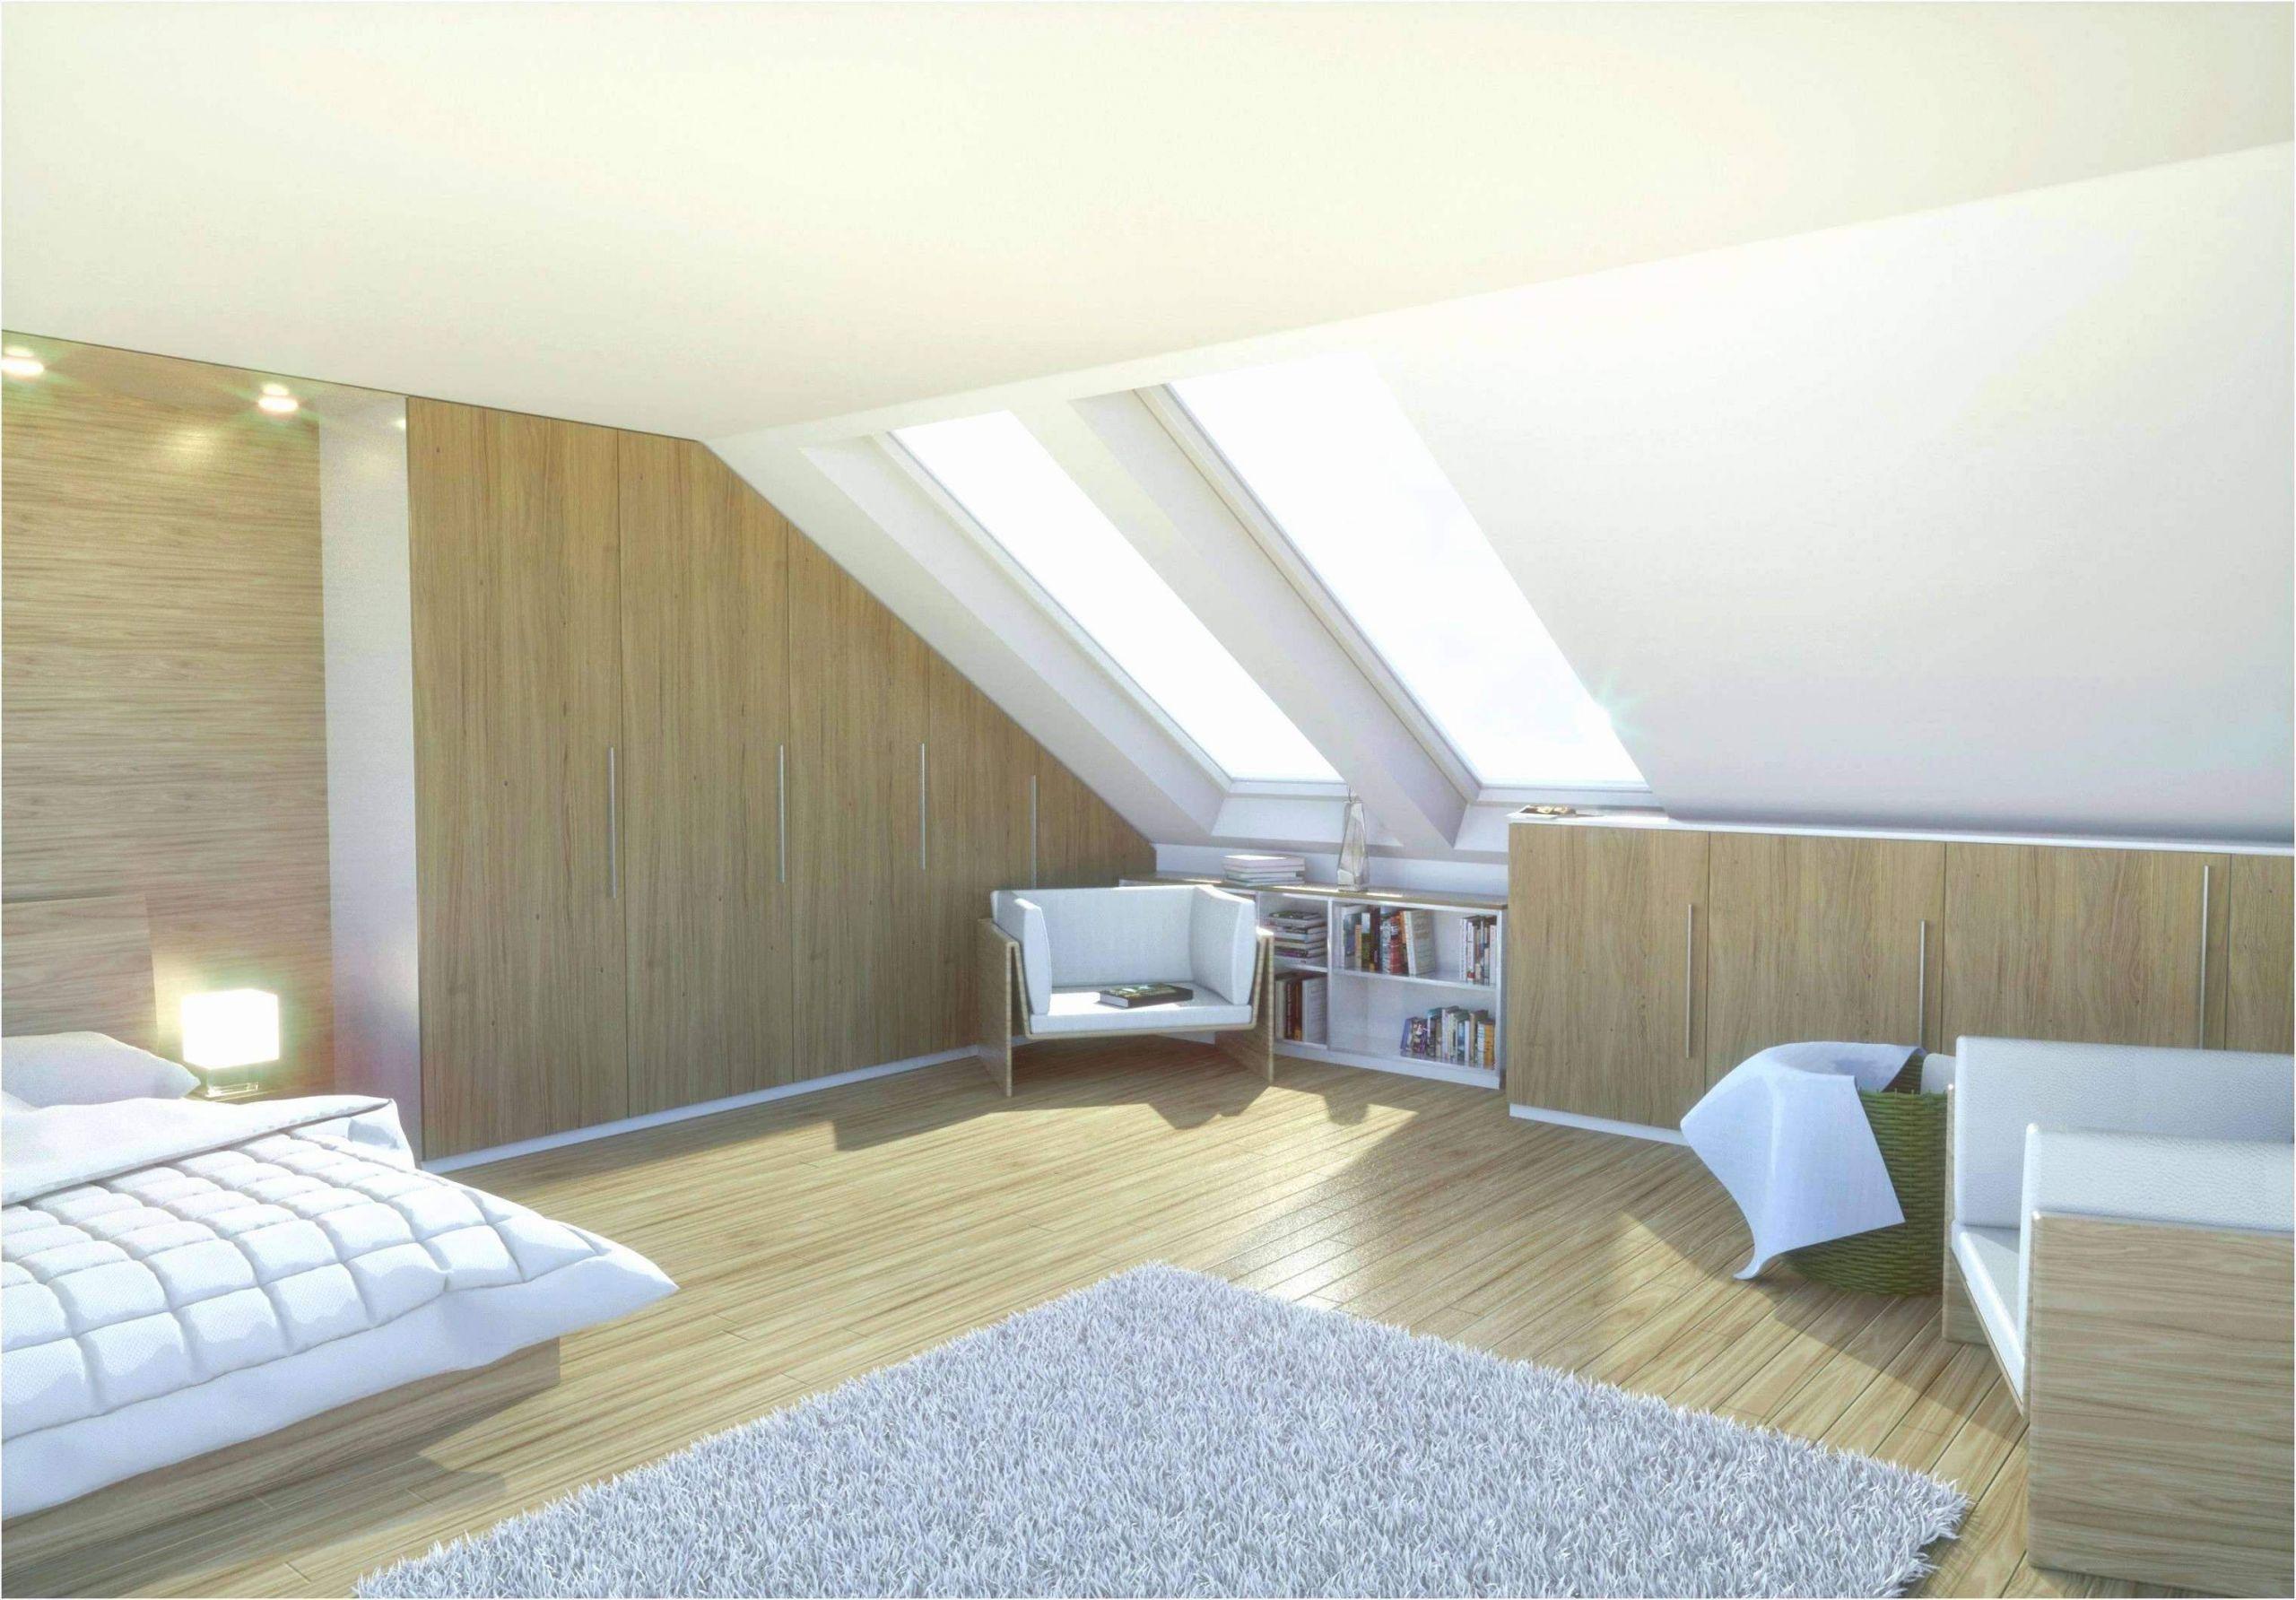 dekoideen wohnzimmer selber machen frisch ideen fur wohnzimmer deko unique 33 einzigartig deko ideen of dekoideen wohnzimmer selber machen